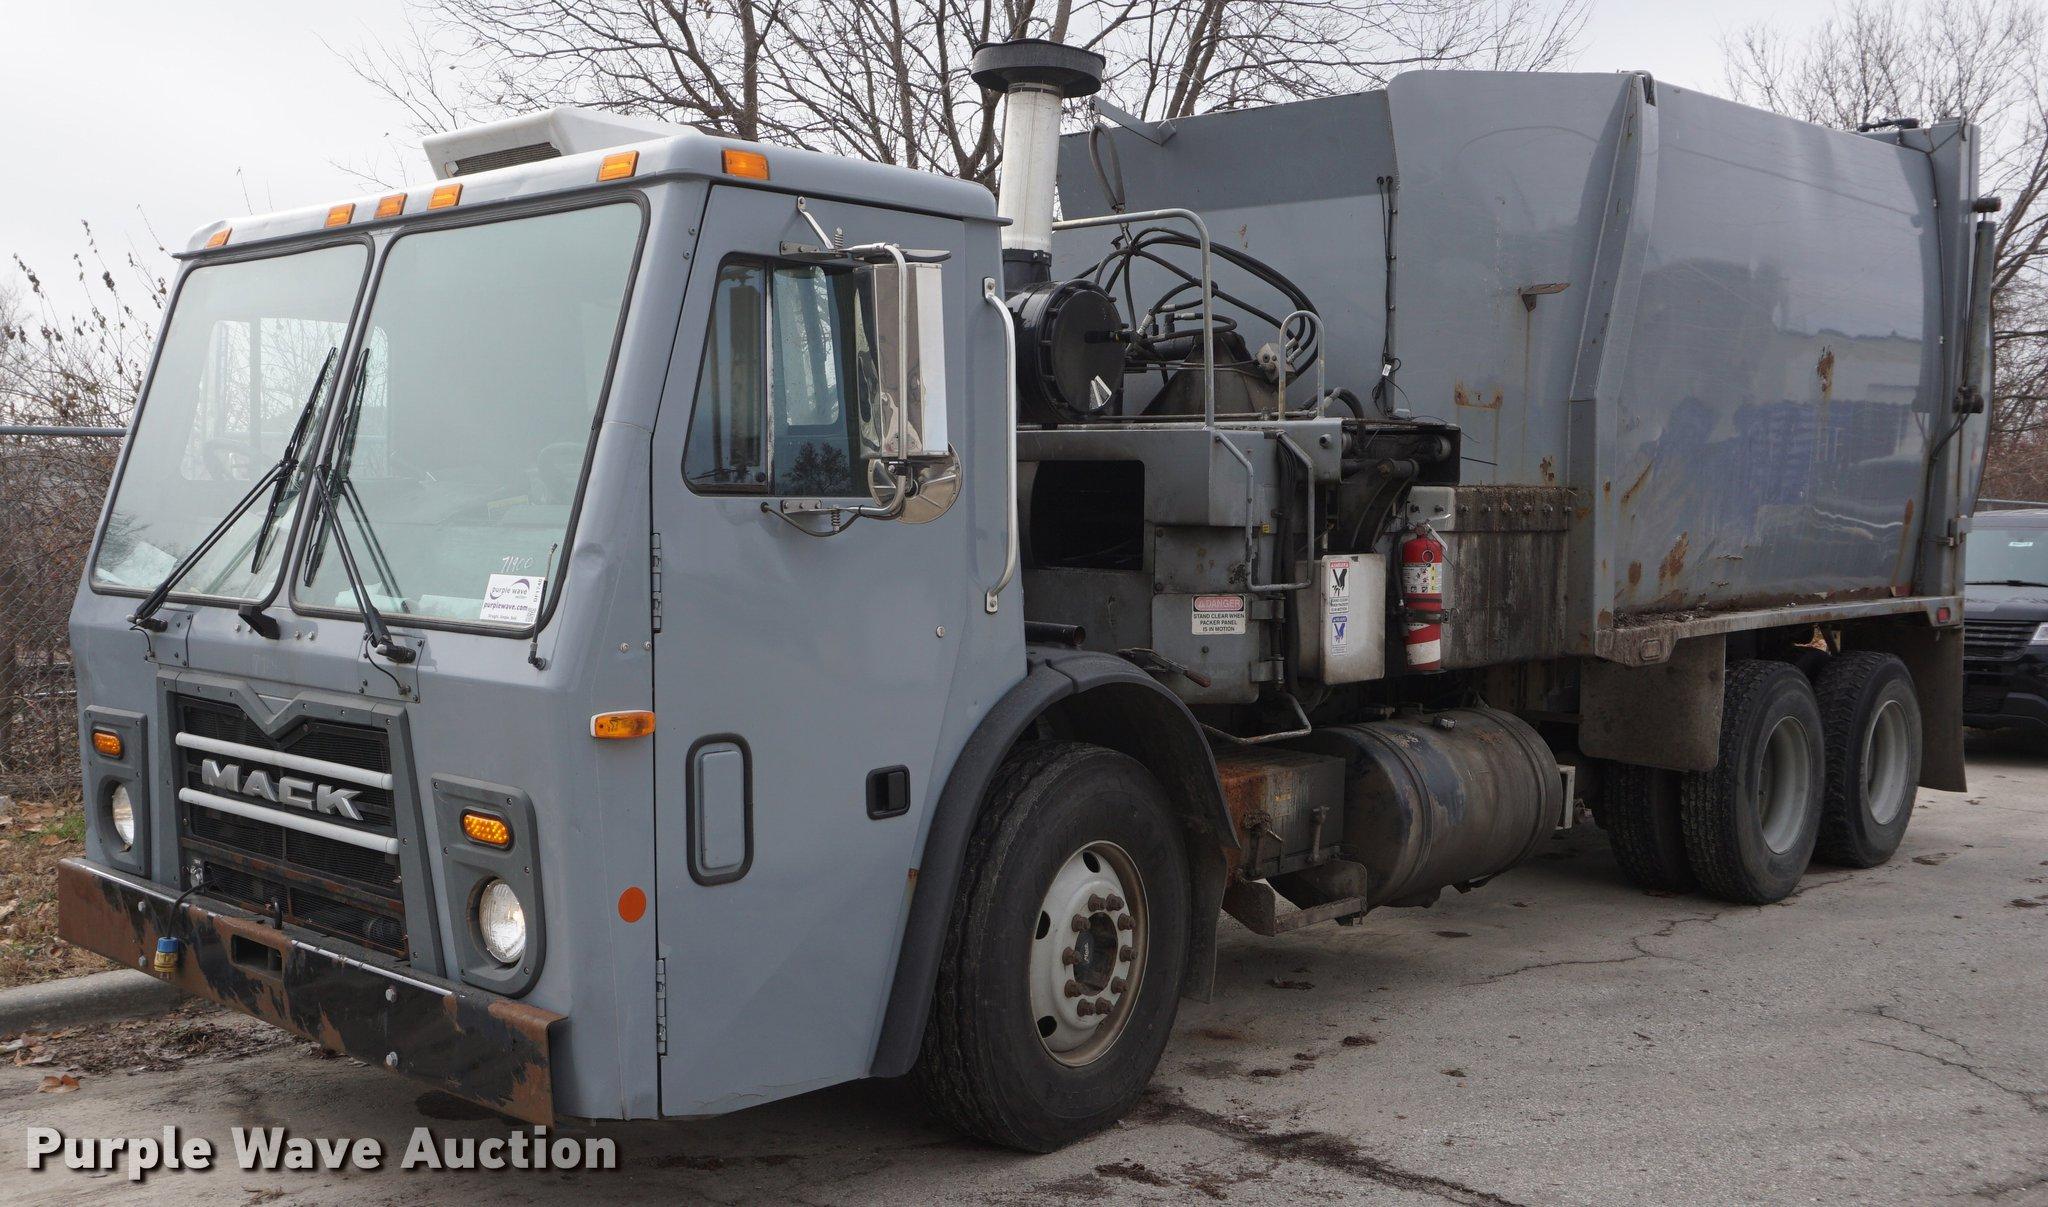 2010 Mack LE600 refuse truck   Item DF1740   1-8-2019